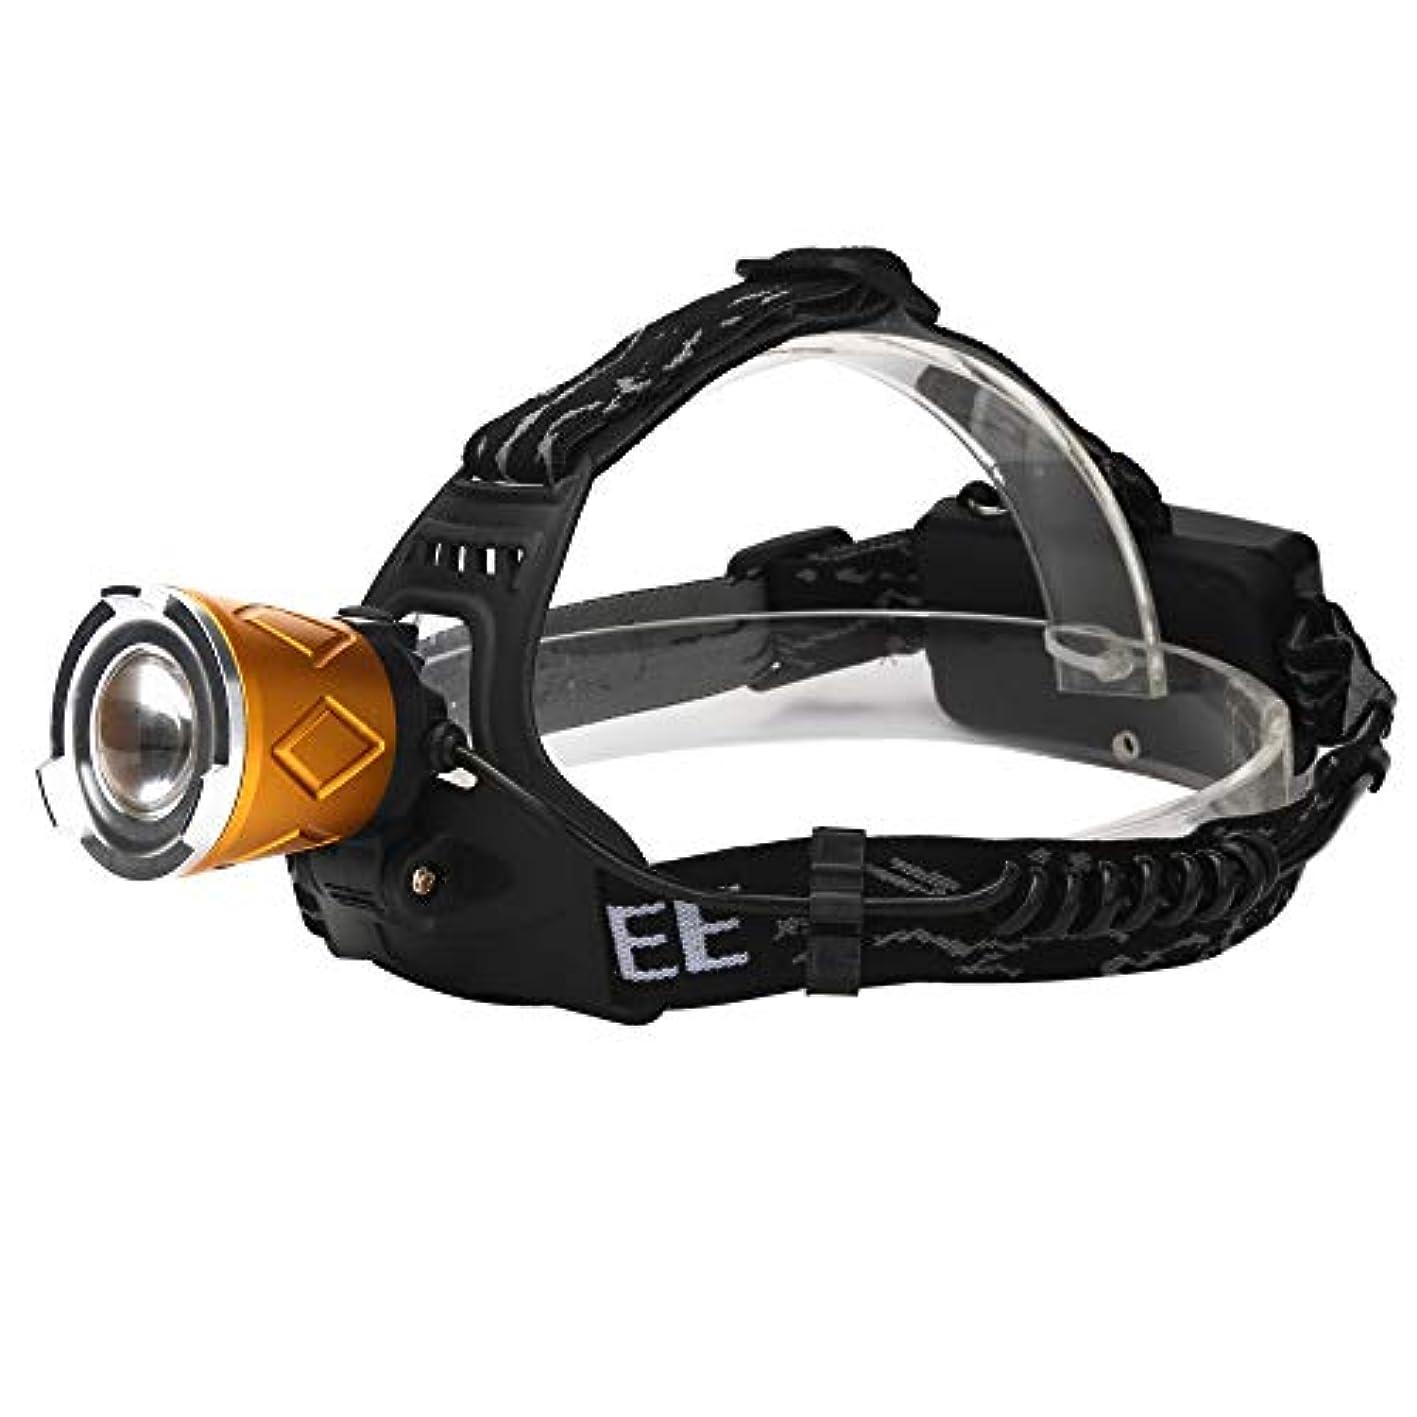 ワックスねばねばプログレッシブXM-L 2xT6 LEDヘッドランプ 可充電式 ヘッドライト グールド 綺麗 TangQI 高輝度 ズーム模式 角度調節可能 4点灯モード 防水 アウトドア キャンプ 停電時用 ハイキング サイクリング 防災 登山 夜釣り 夜間走行 ウォーキング スポーツ 野外活動 自転車 作業に適用